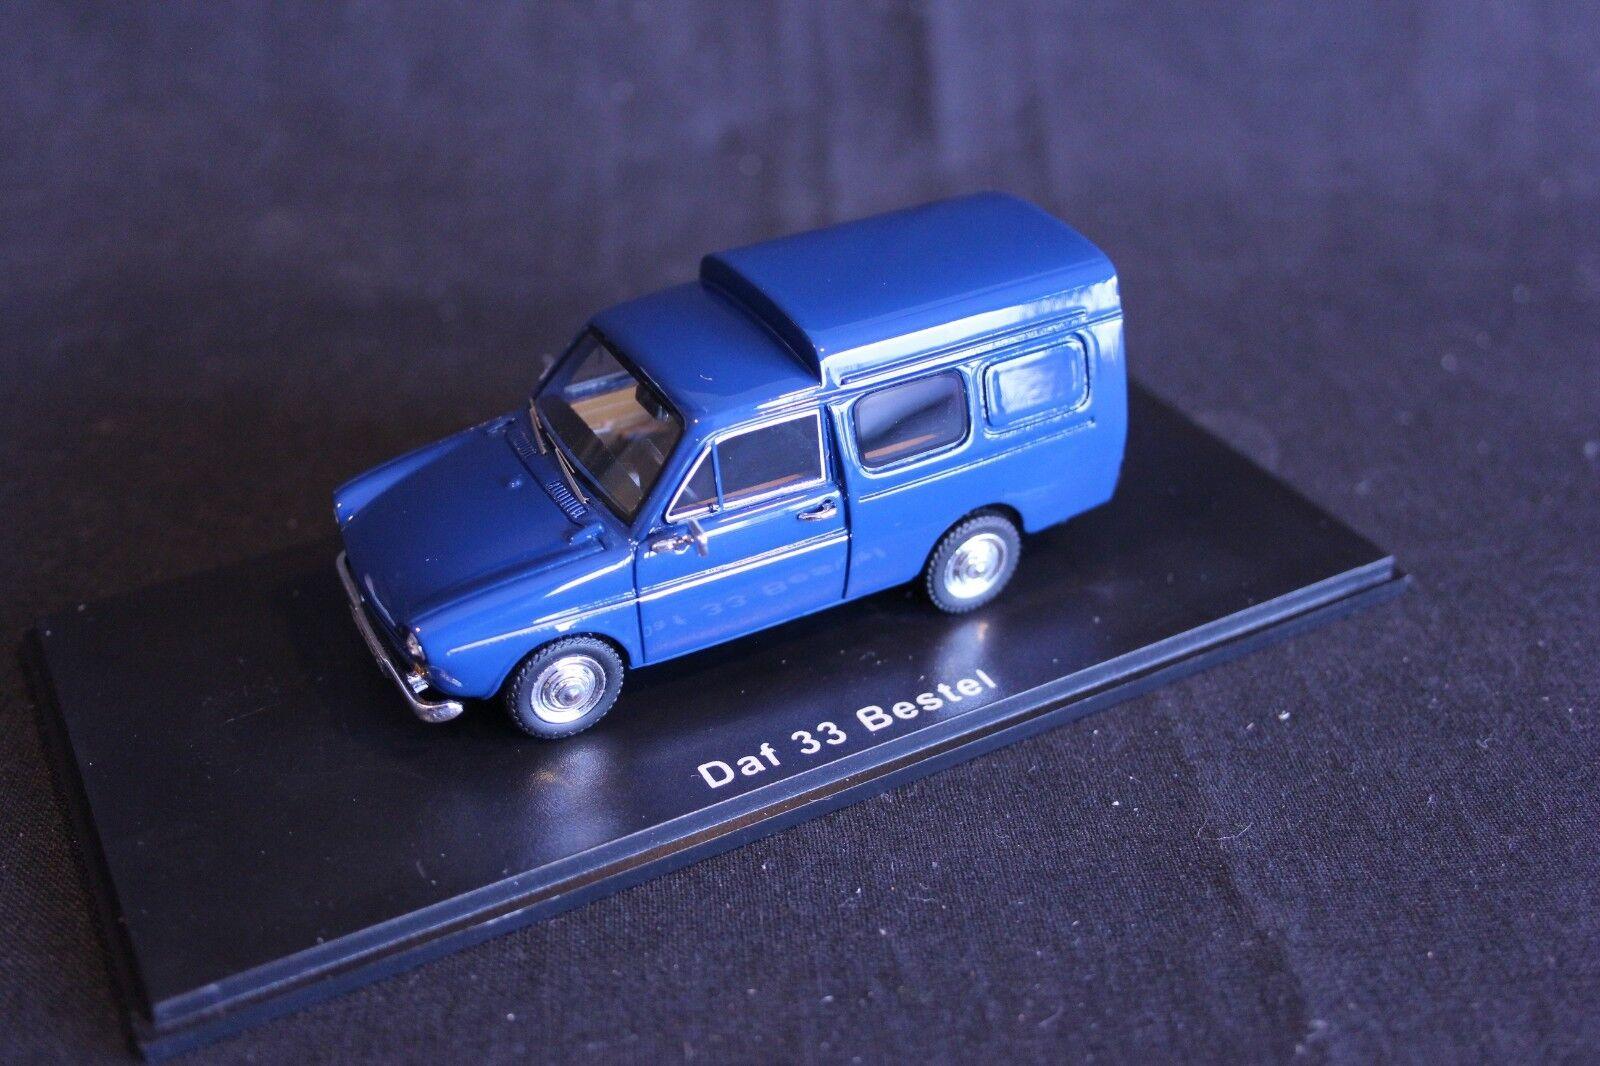 QSP Model Collection DAF 33 Bestel 1 43 bleu